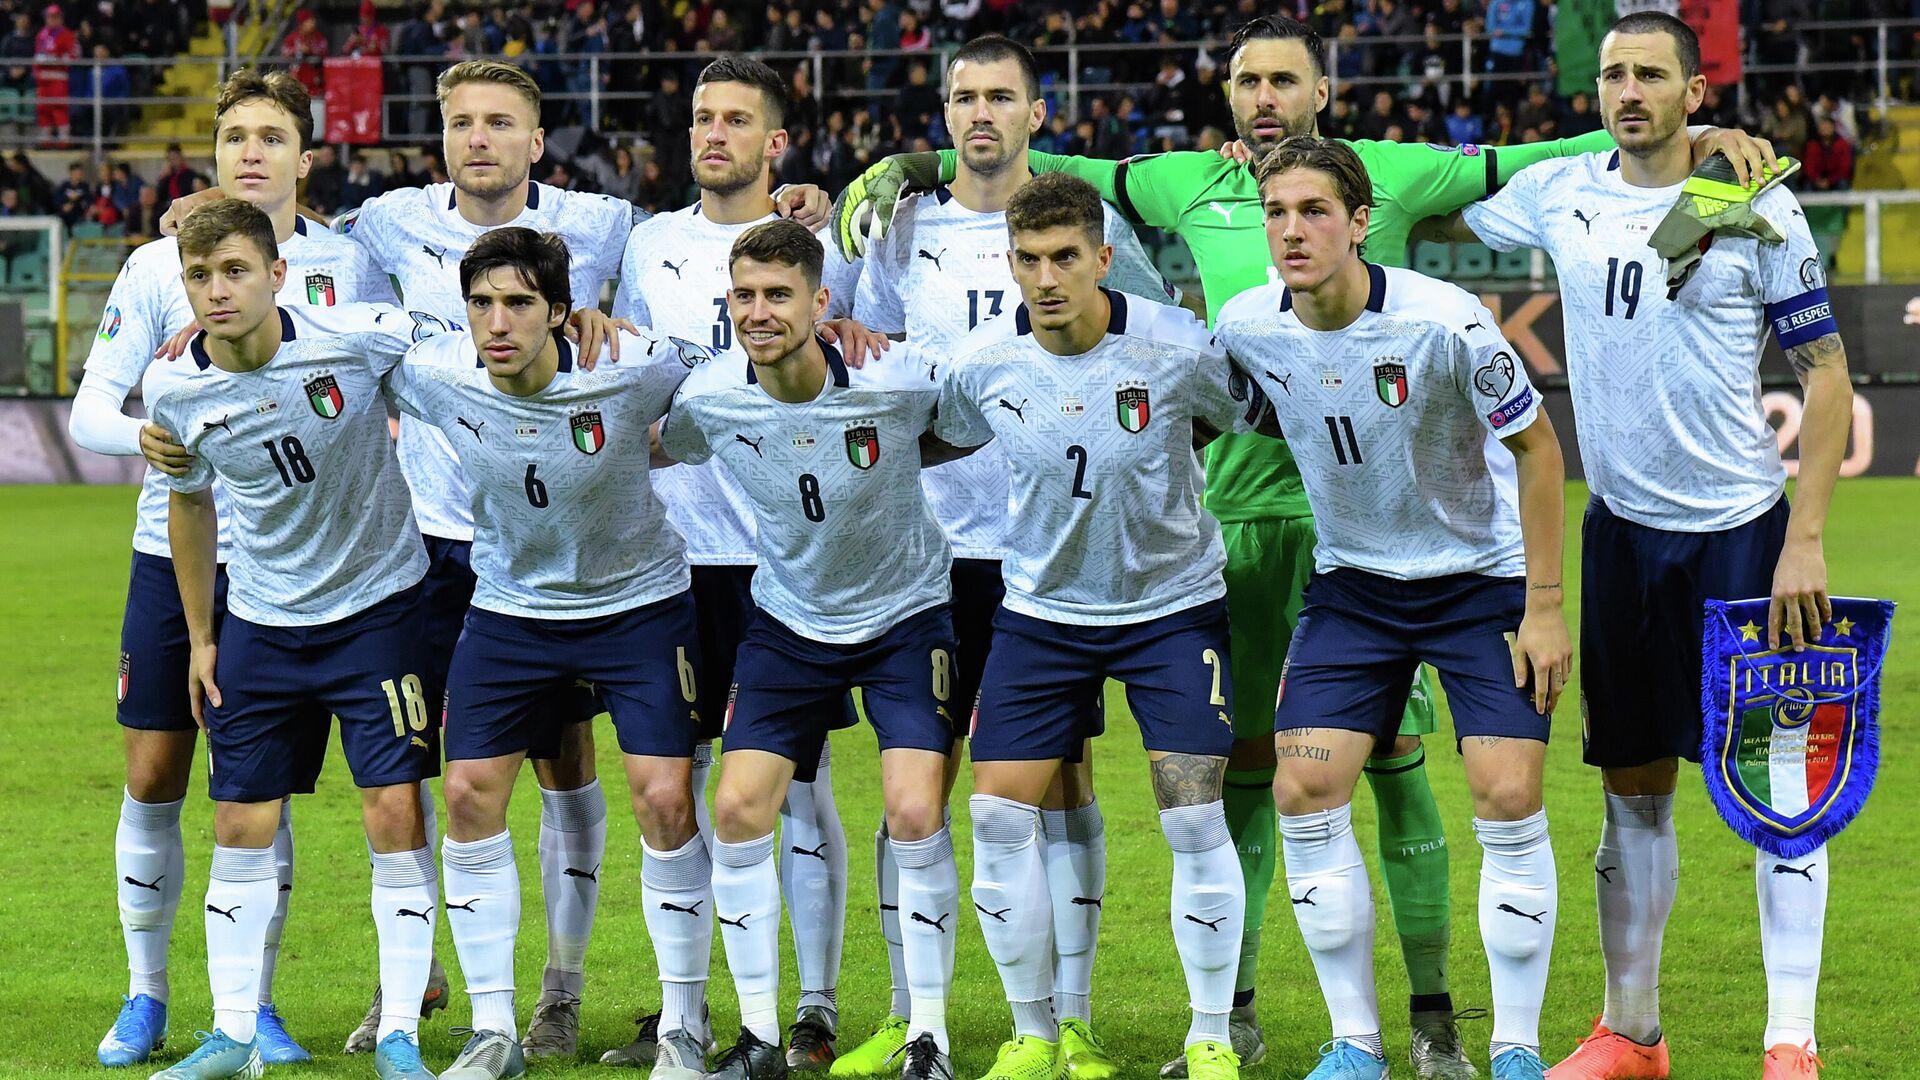 Футболисты сборной Италии - РИА Новости, 1920, 27.01.2021